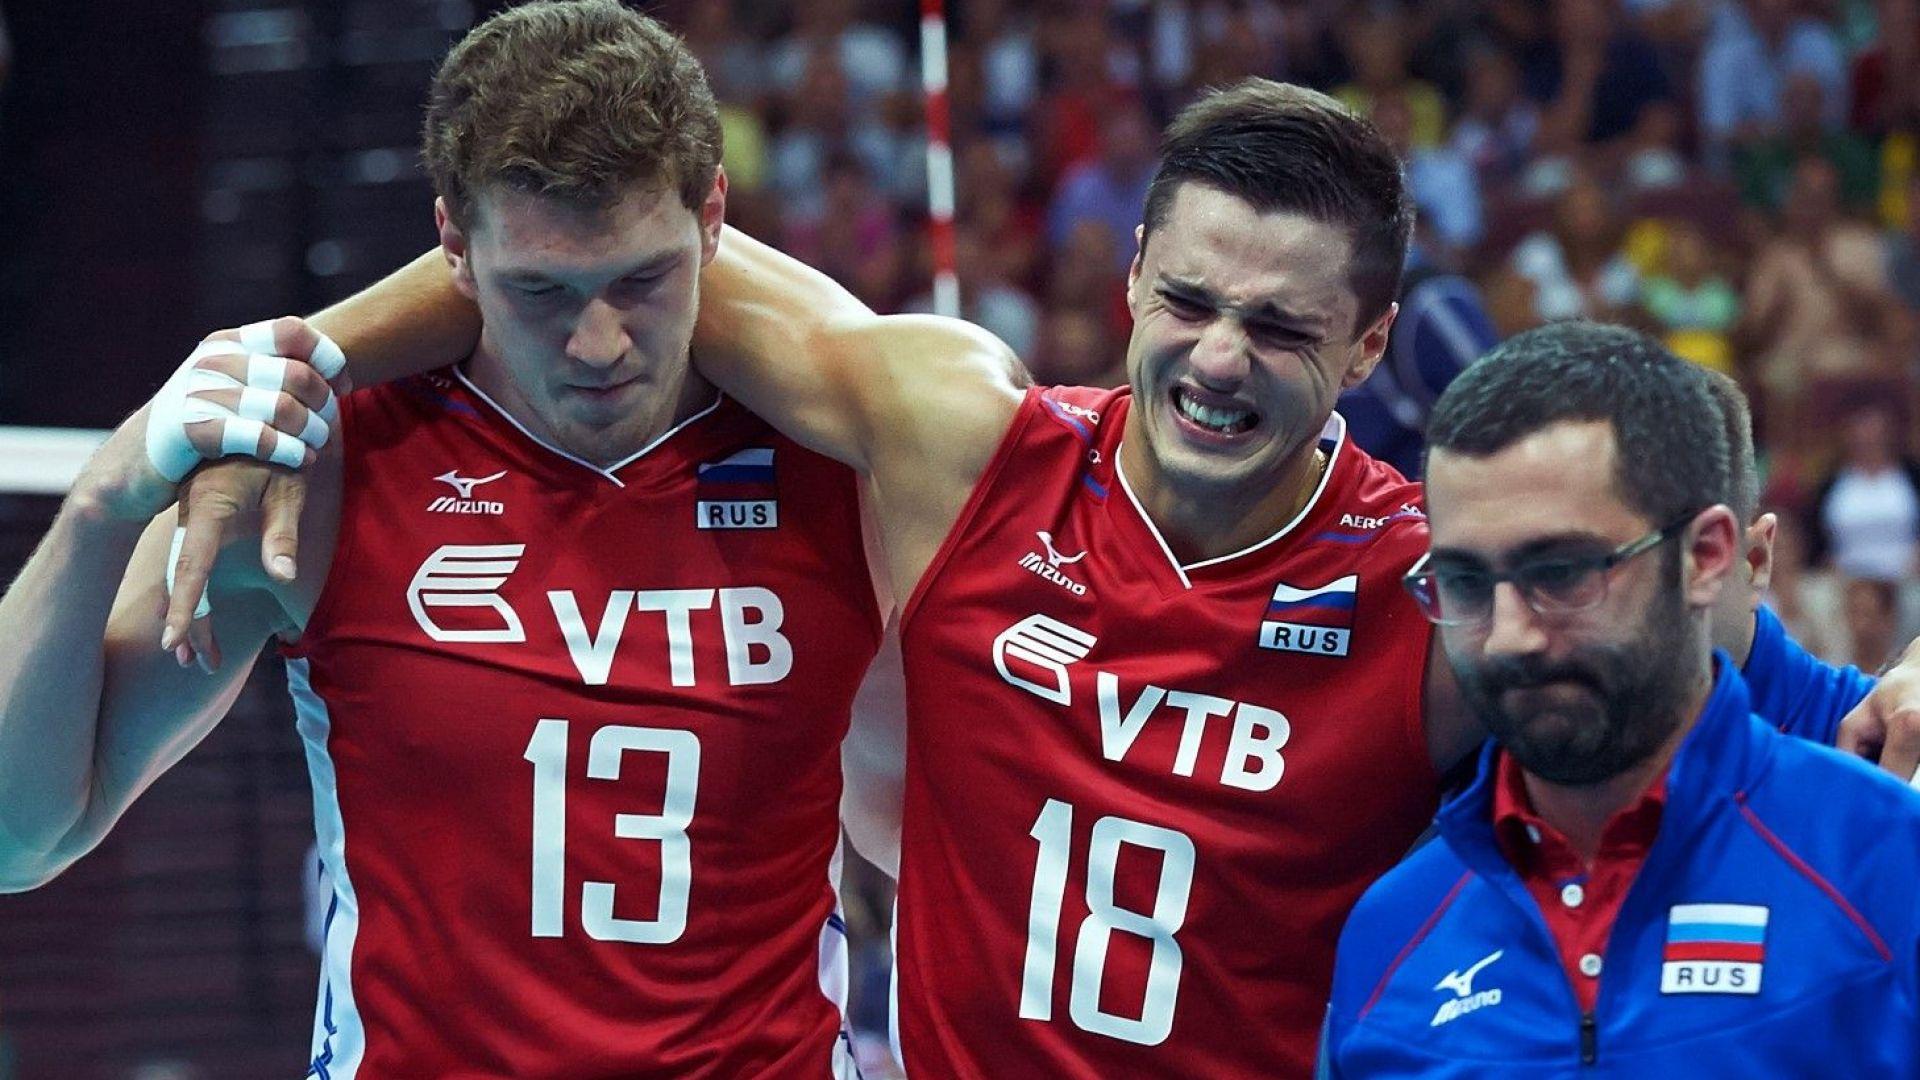 Часове след триумфа: Наказаха за допинг бивш волейболен национал на Русия